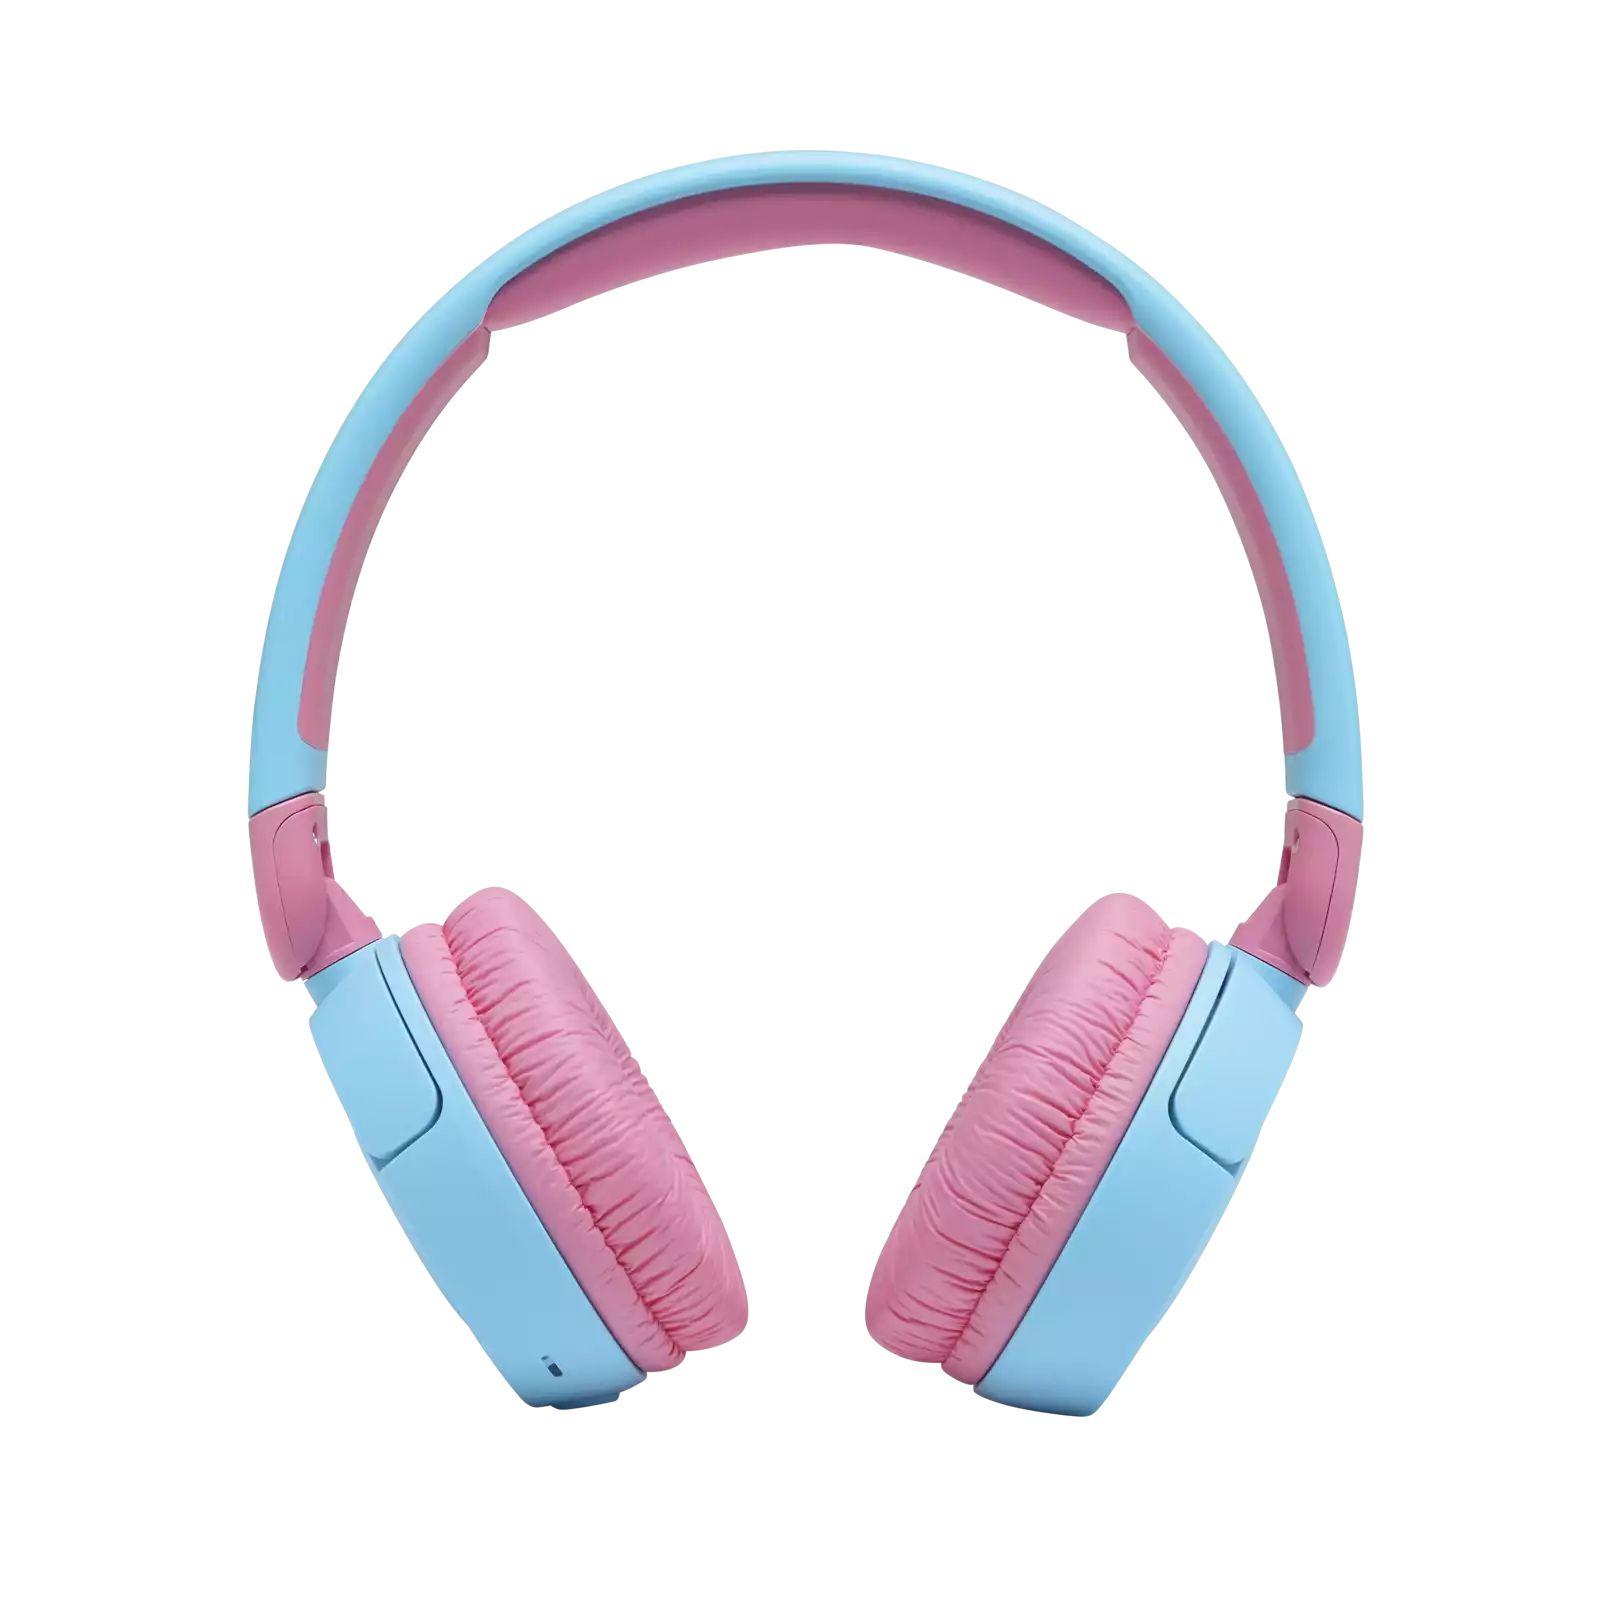 Fone de Ouvido Infantil Bluetooth JBL JR310BT - Azul e Rosa JBLJR310BTBLU